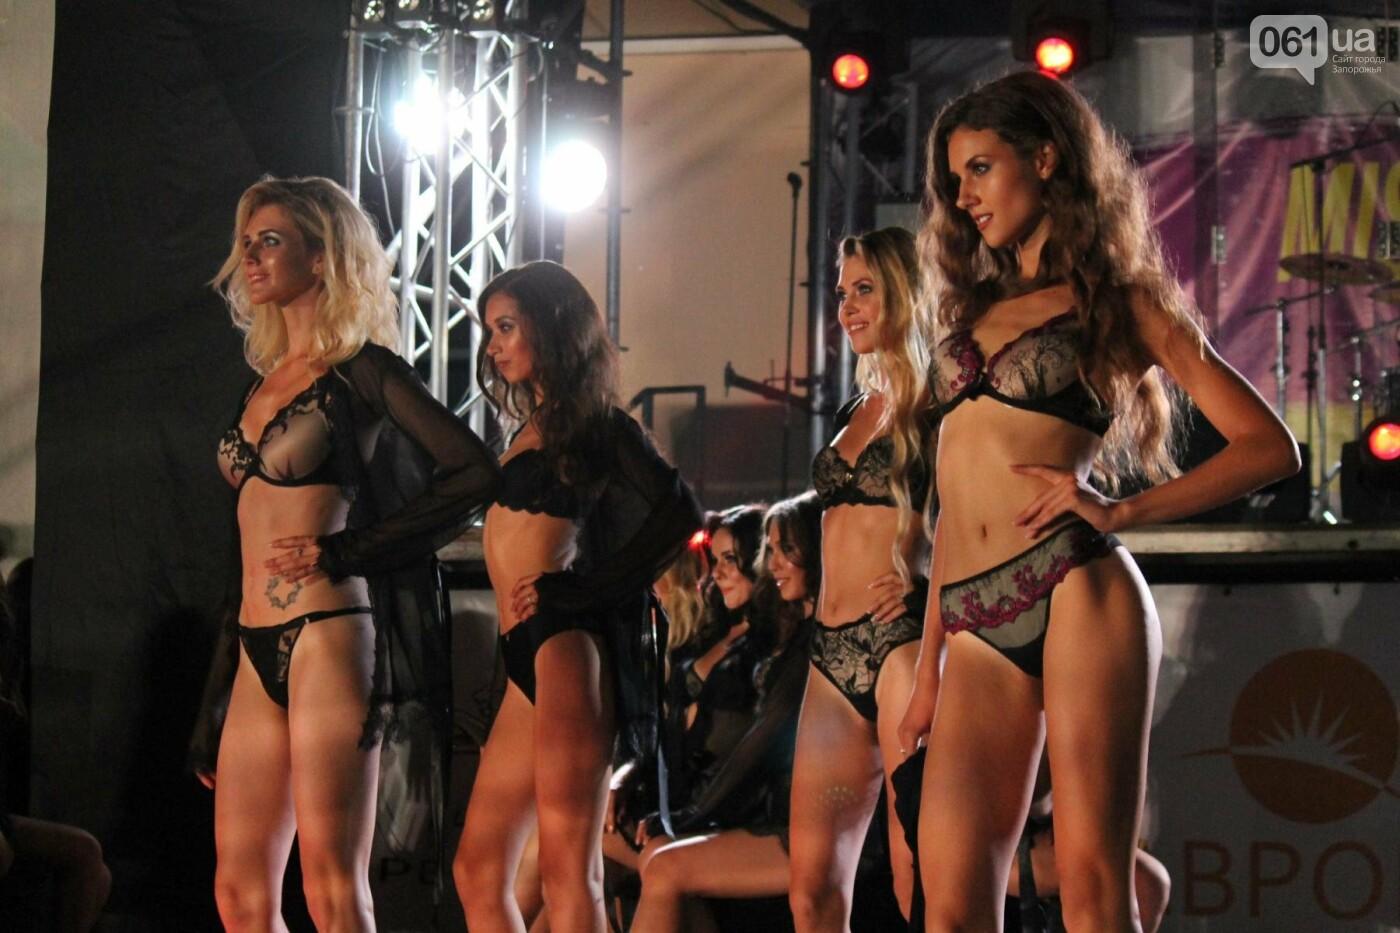 «Miss AVRORA Summer 2018»: в Запорожье на конкурсе красоты выбрали самую красивую девушку, – ФОТОРЕПОРТАЖ, фото-23